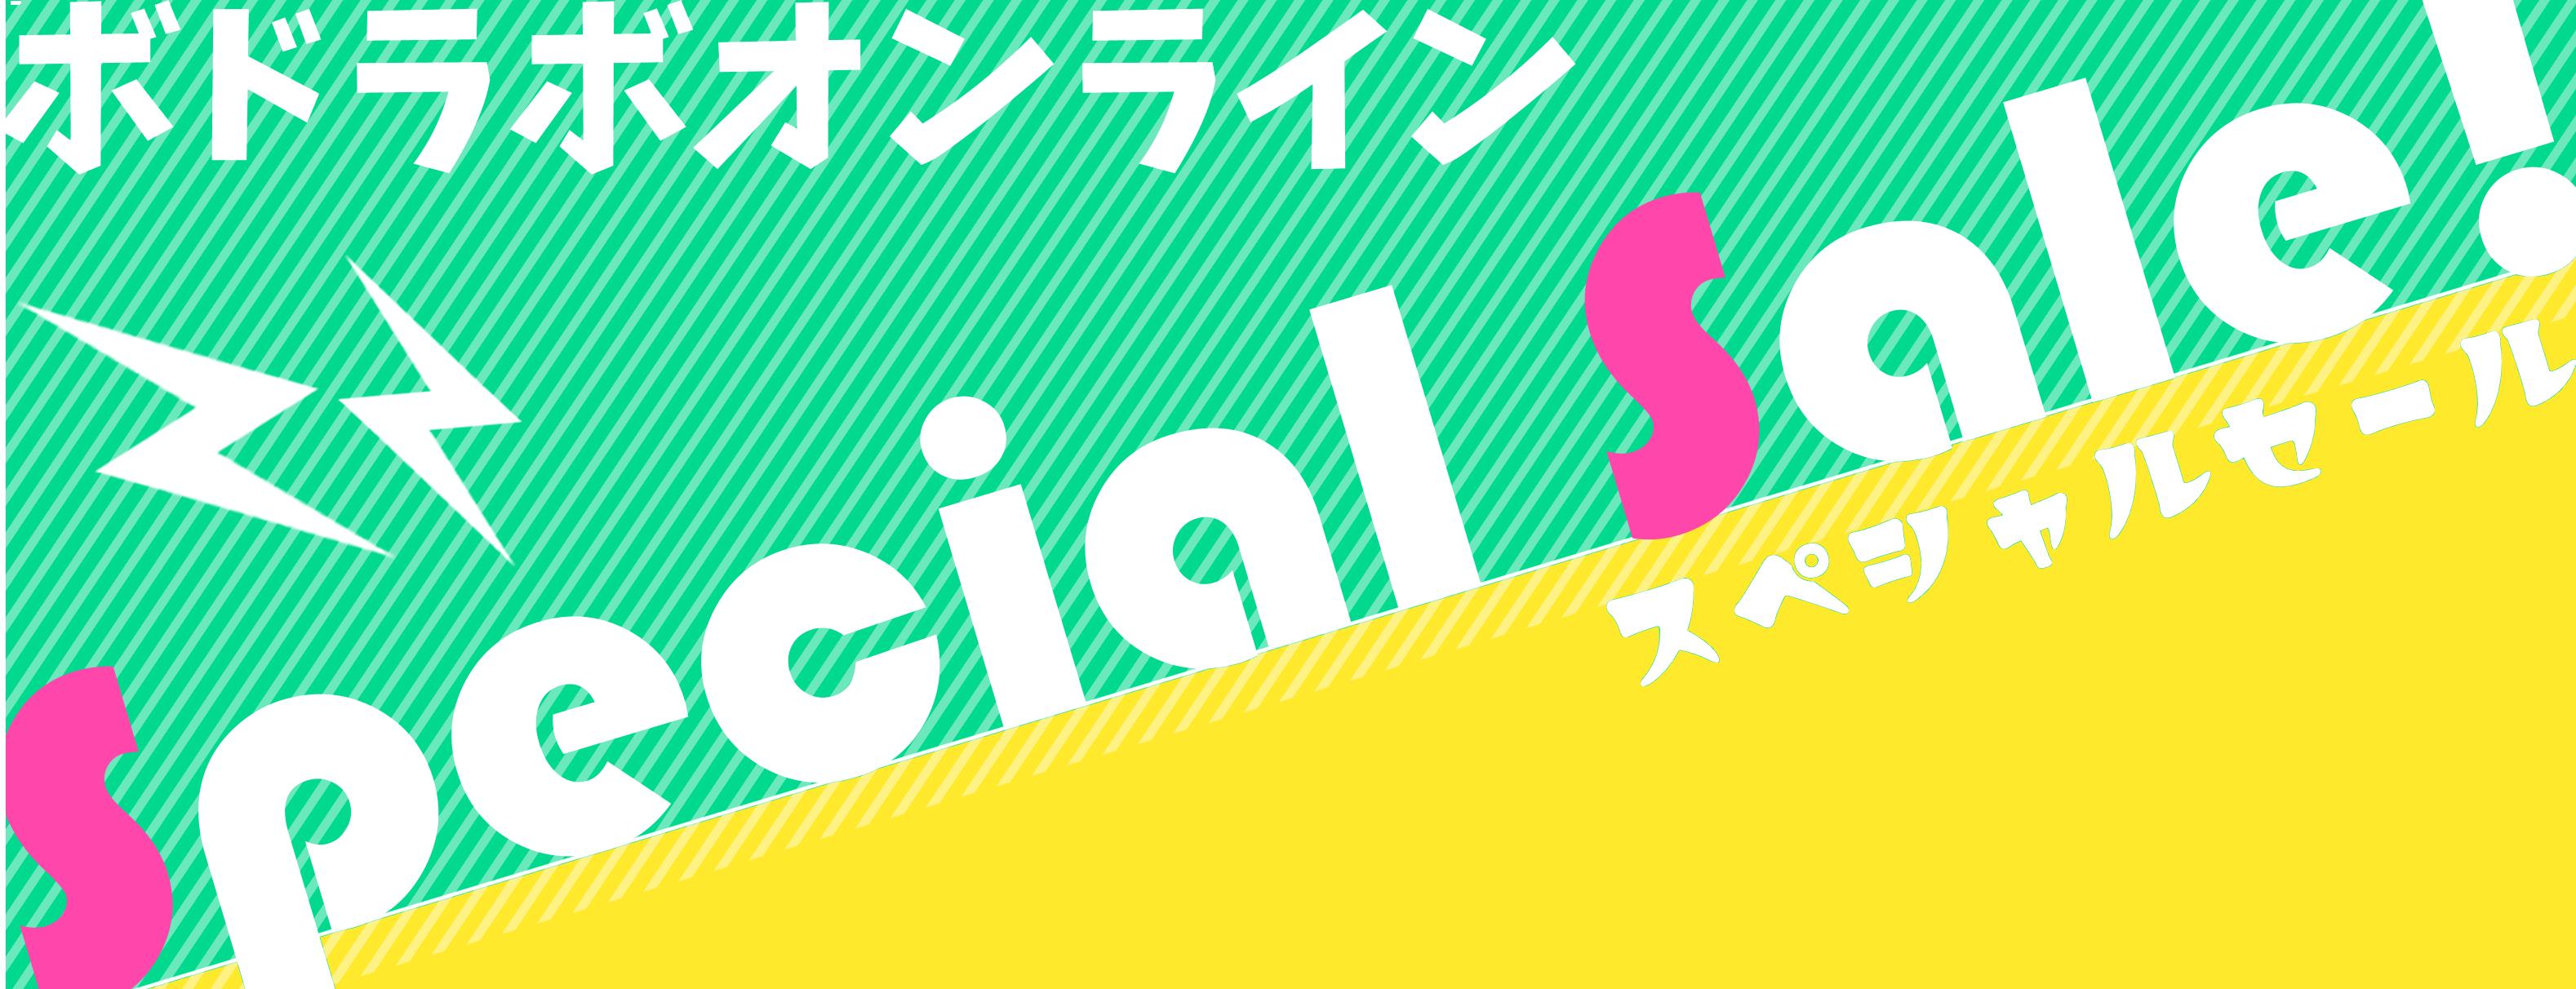 ボドラボオンライン限定☆あの商品がお買い得価格に?!